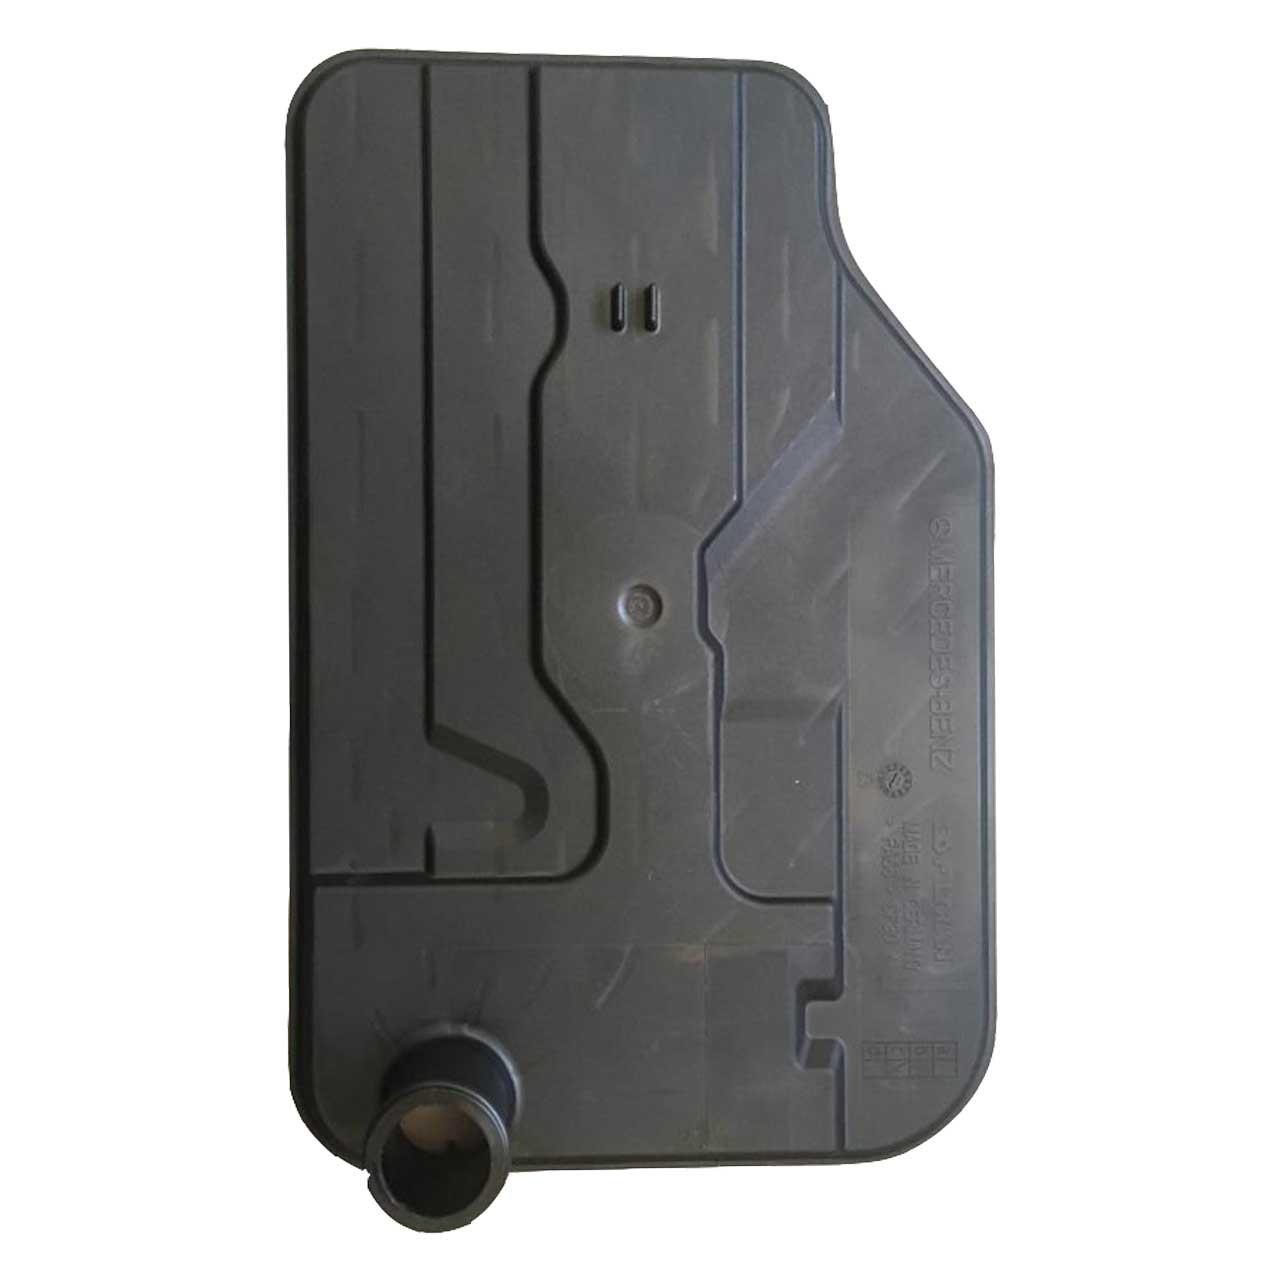 فیلتر روغن گیربکس مرسدس مدل 2000 مناسب برای خودروی E200-E250-C200